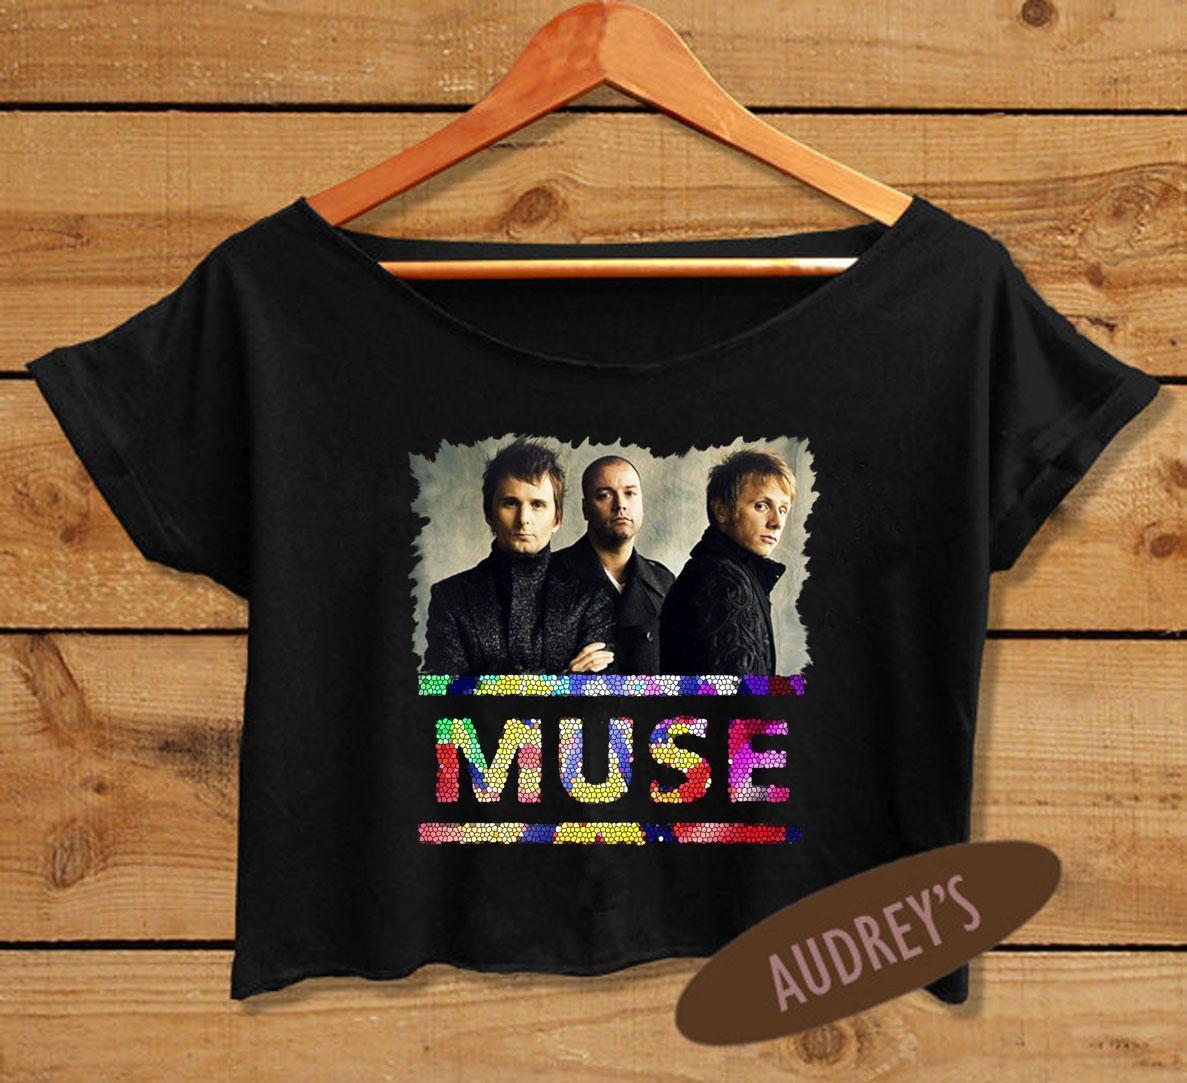 b8f3aa4261d9e Women s Crop Tee English Band Muse T-shirt Band Crop Top ...